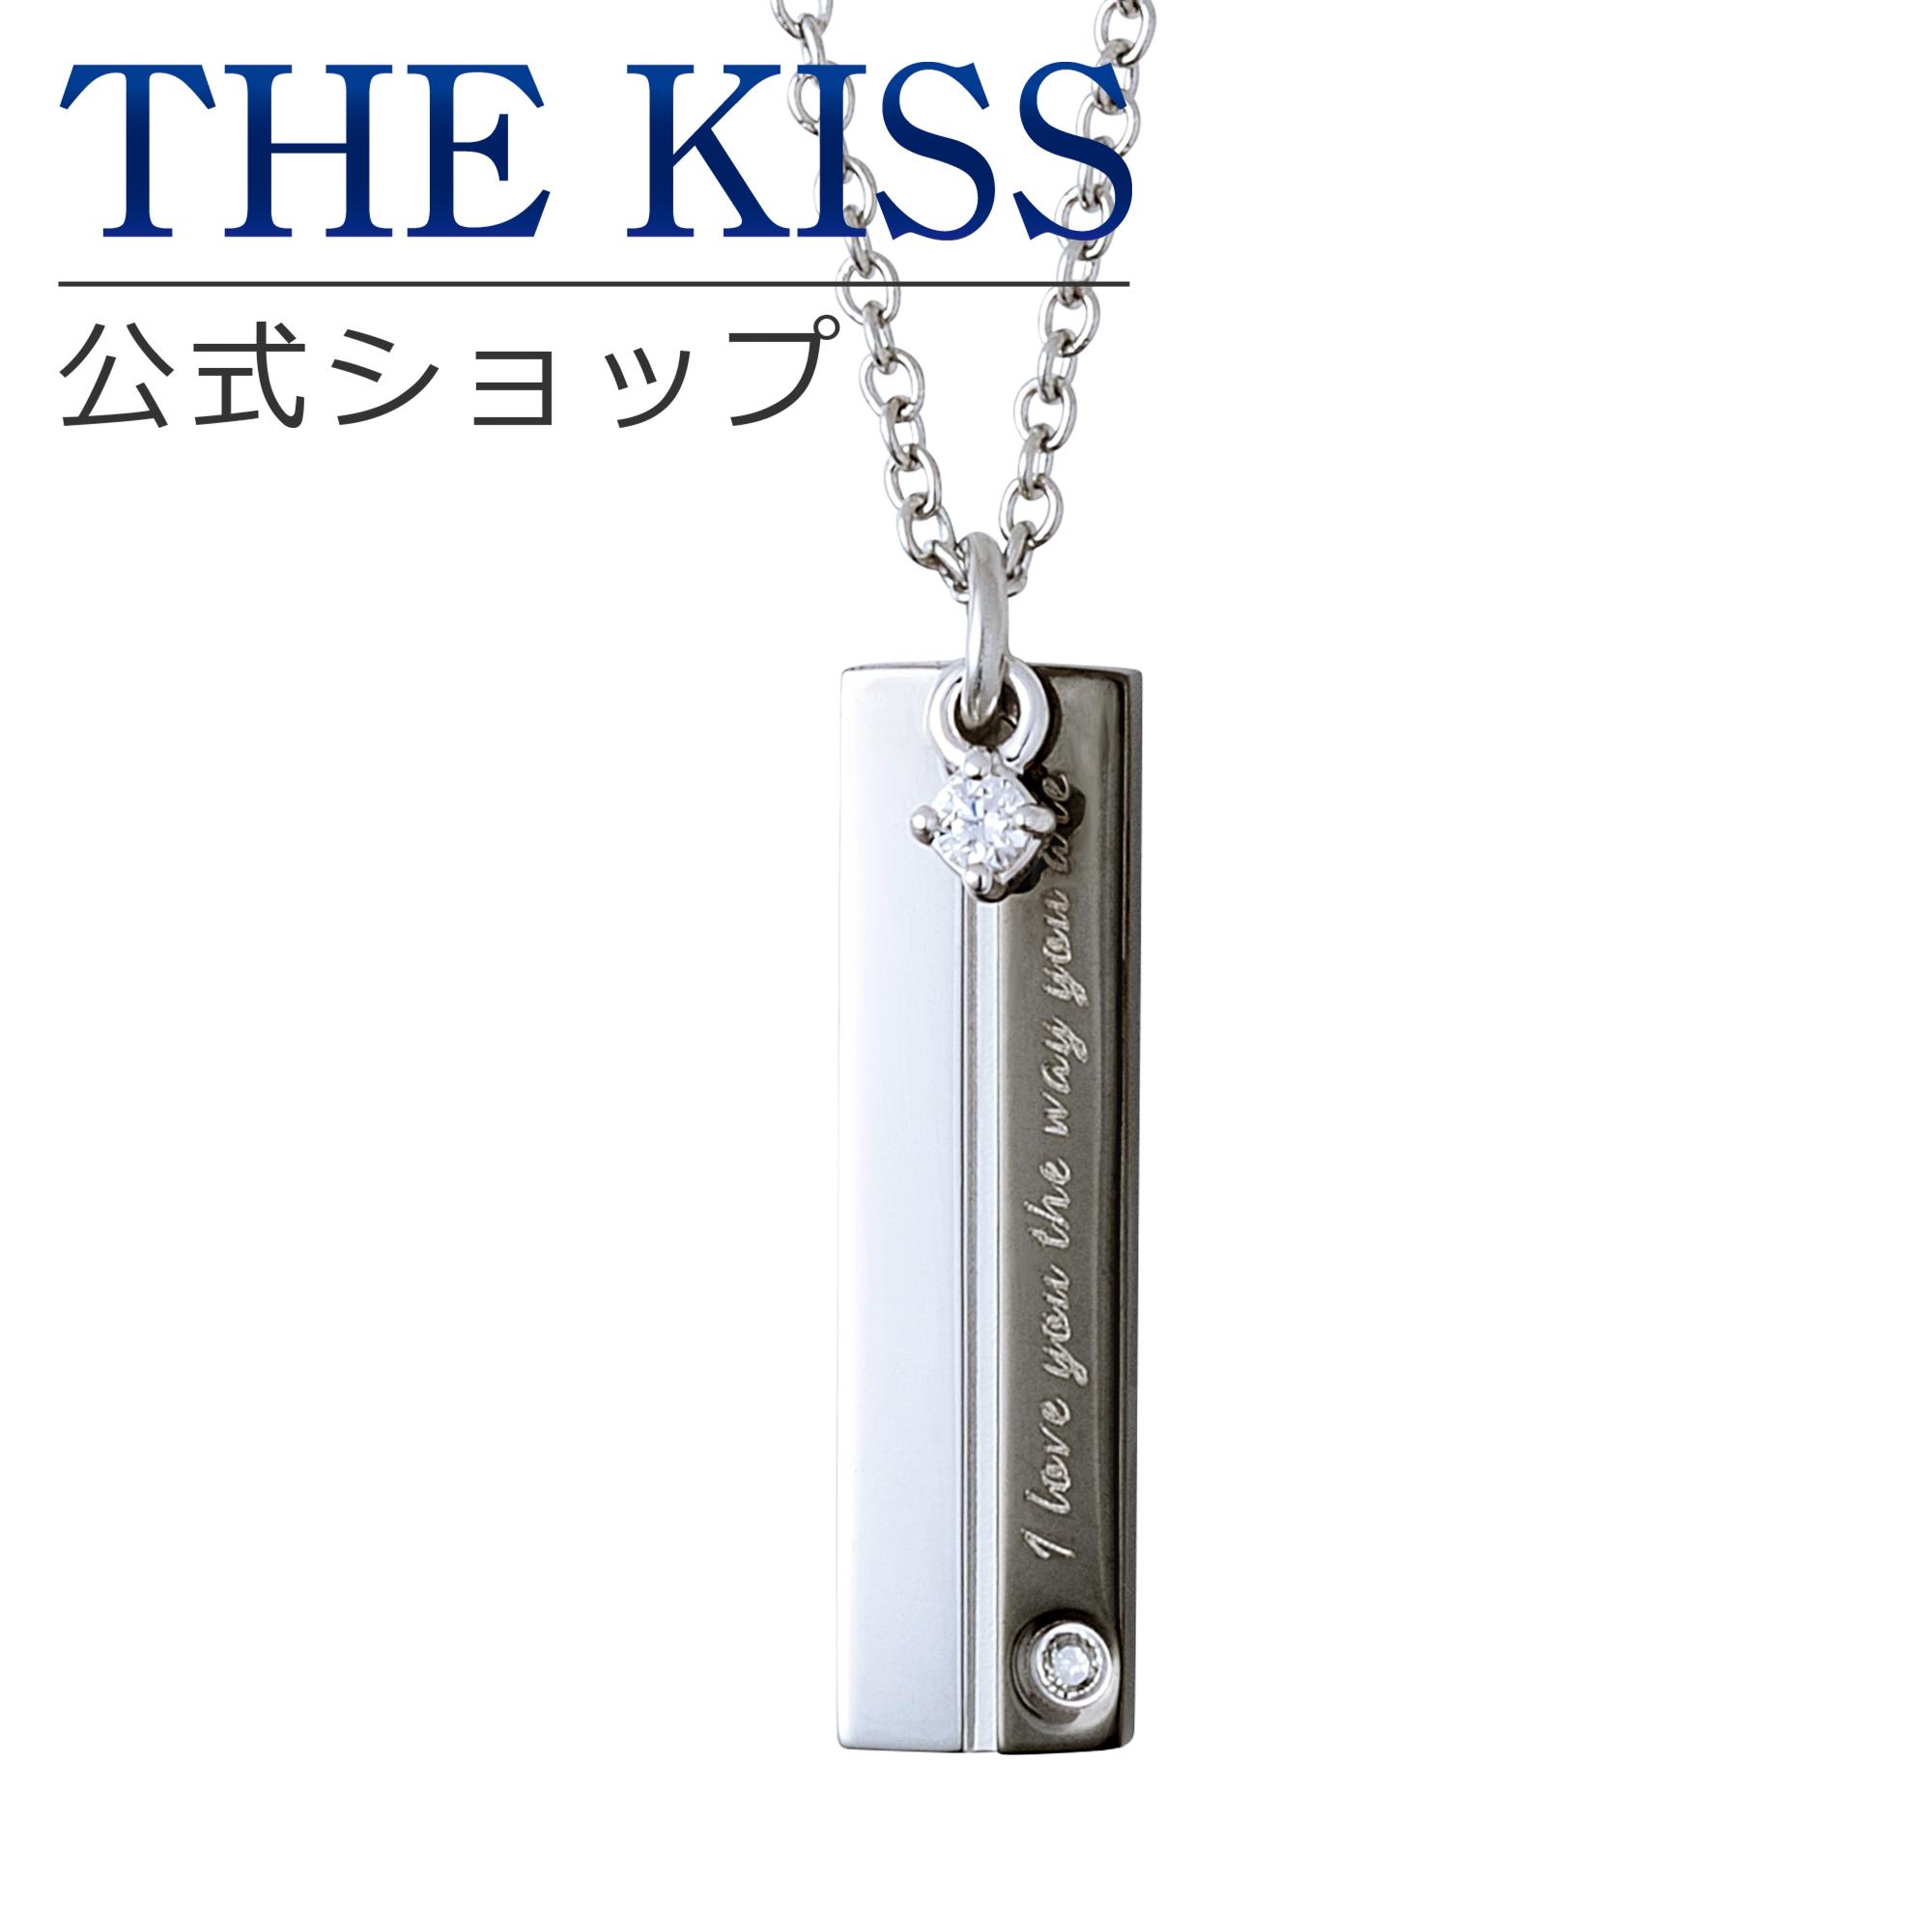 【あす楽対応】THE KISS 公式サイト ステンレス ペアネックレス (メンズ 単品) ペアアクセサリー カップル に 人気 の ジュエリーブランド THEKISS ペア ネックレス・ペンダント 記念日 プレゼント TPD1009BKDM ザキス 【送料無料】